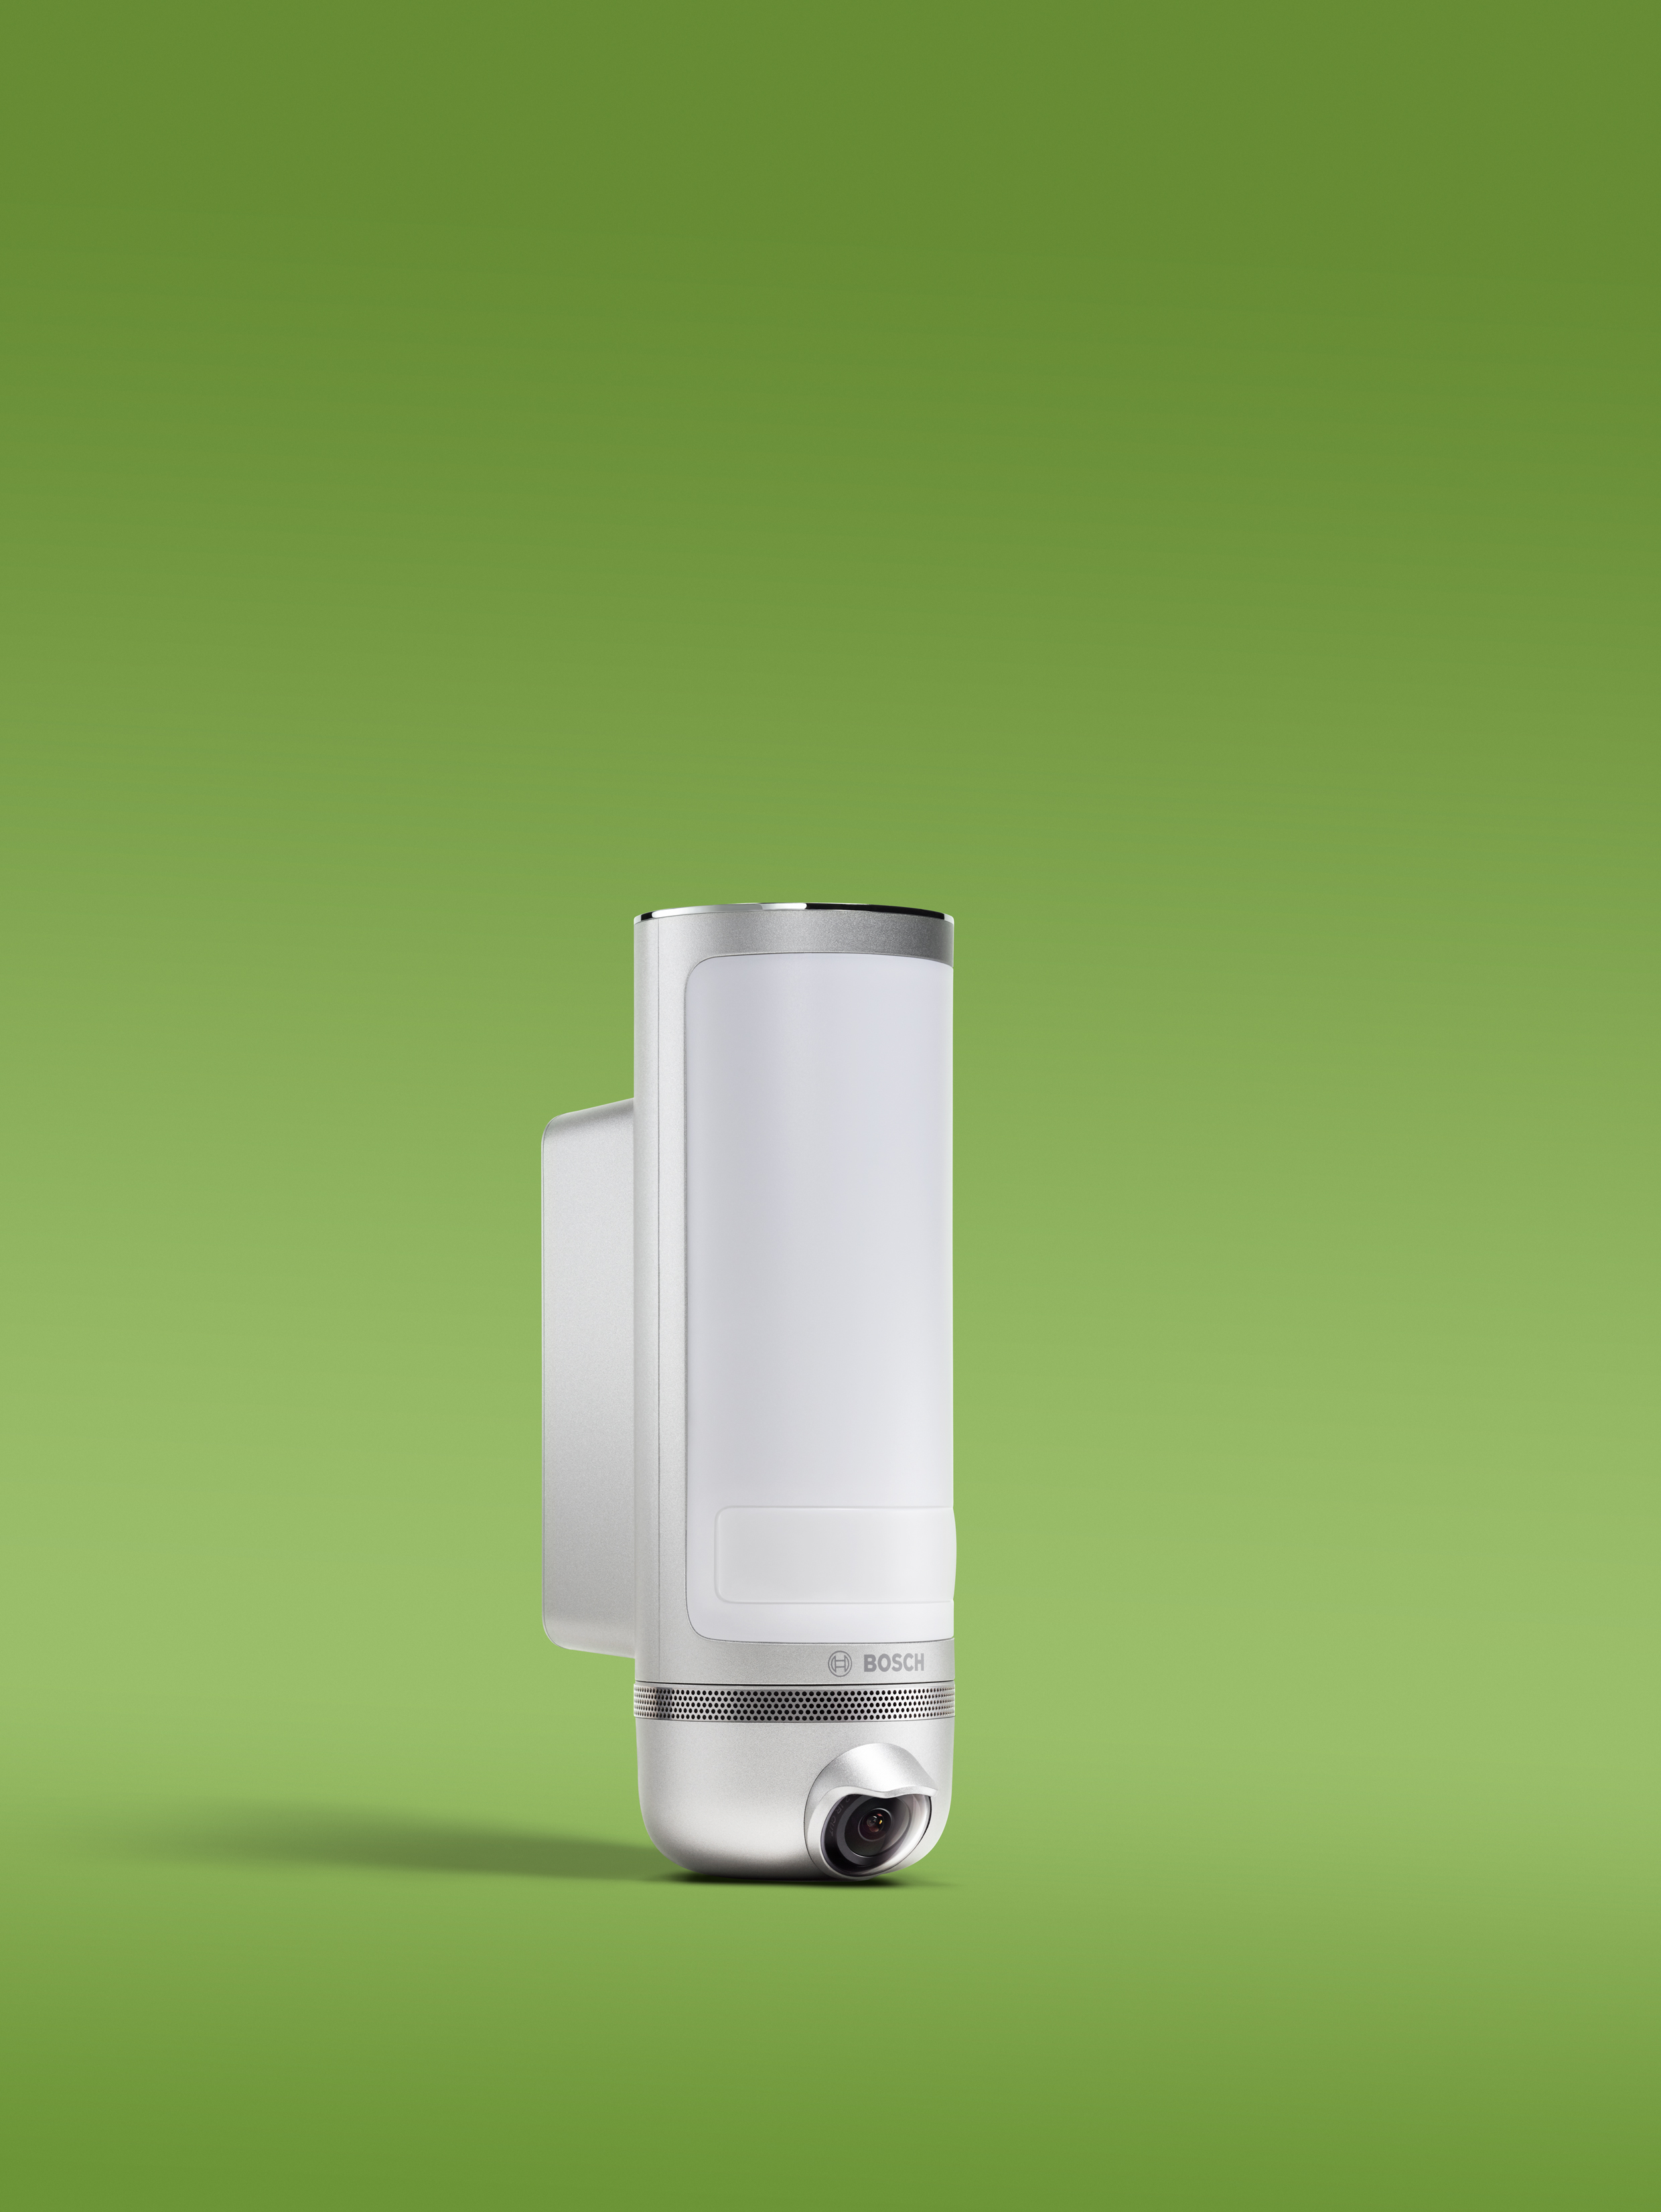 Bosch Smart Home - Außenkamera